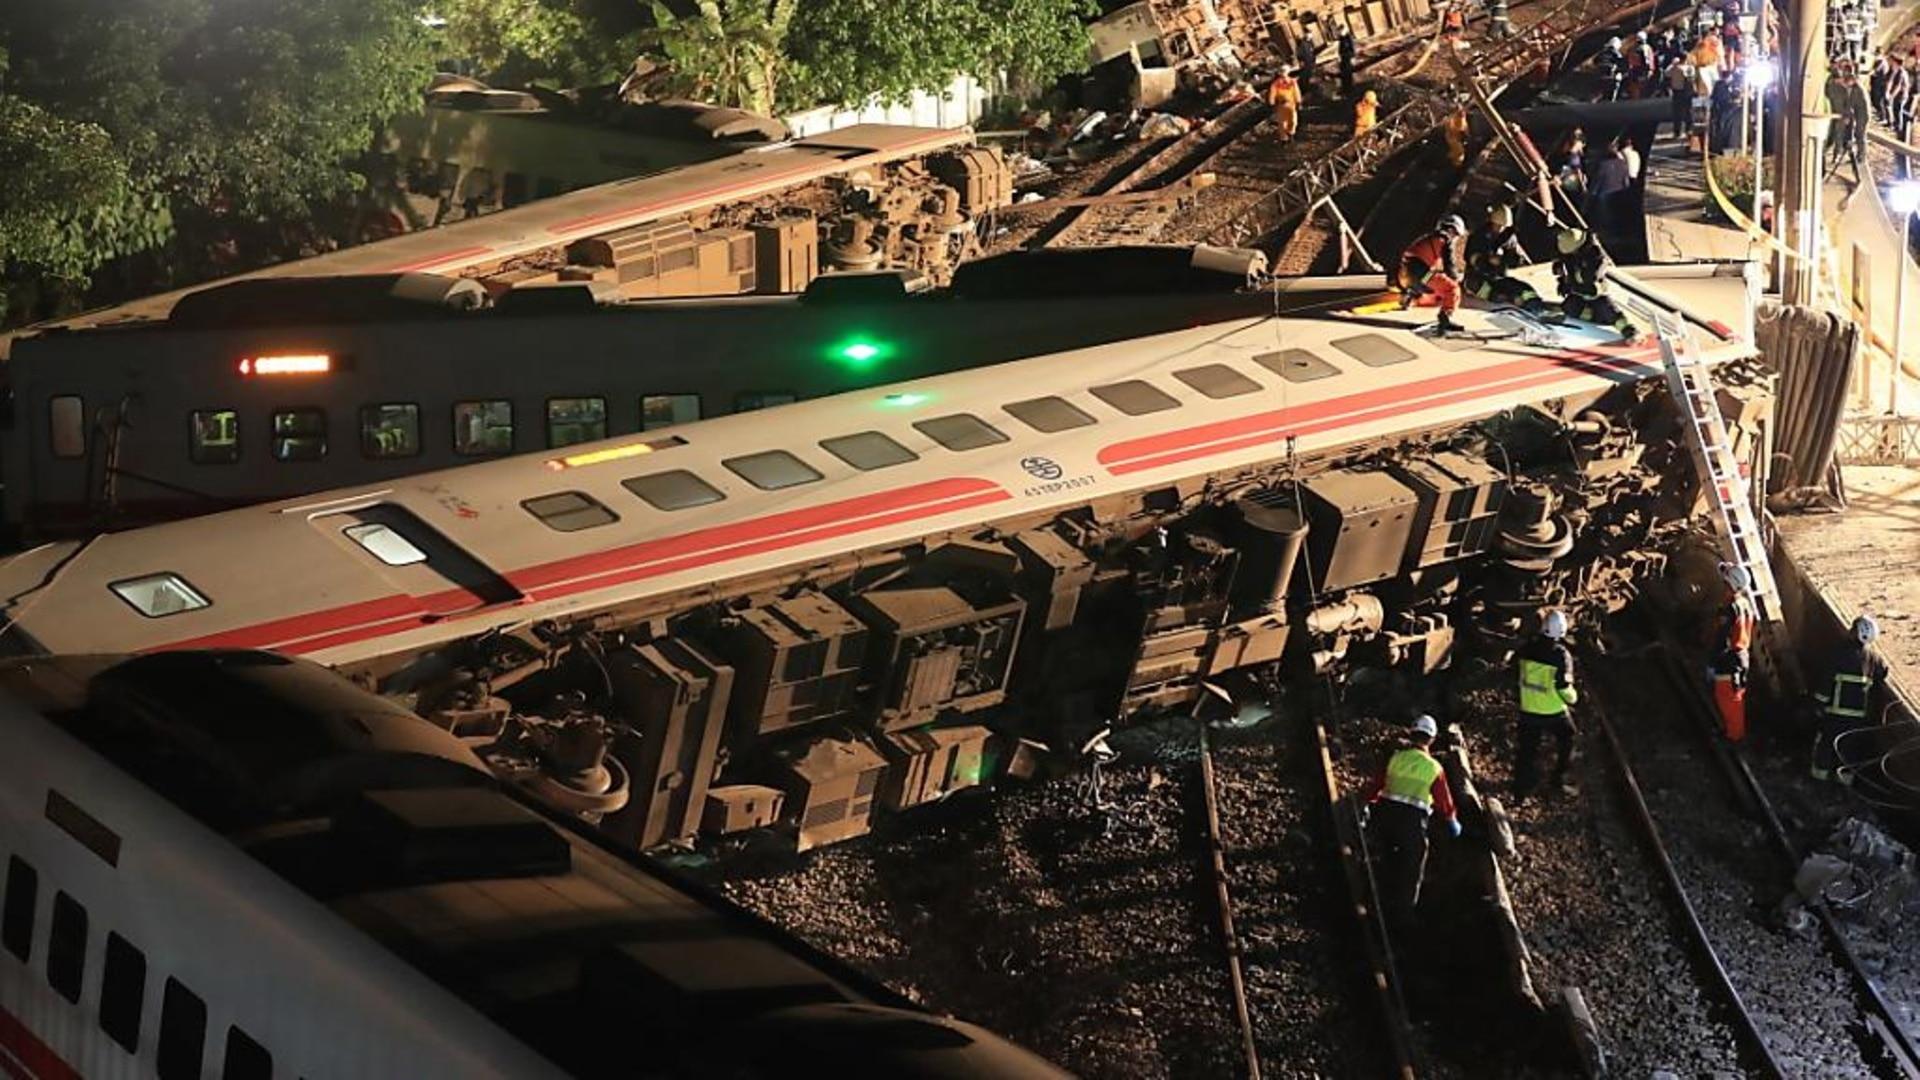 Le déraillement d'un train à Taïwan fait 18 morts et 175 blessés - SWI  swissinfo.ch